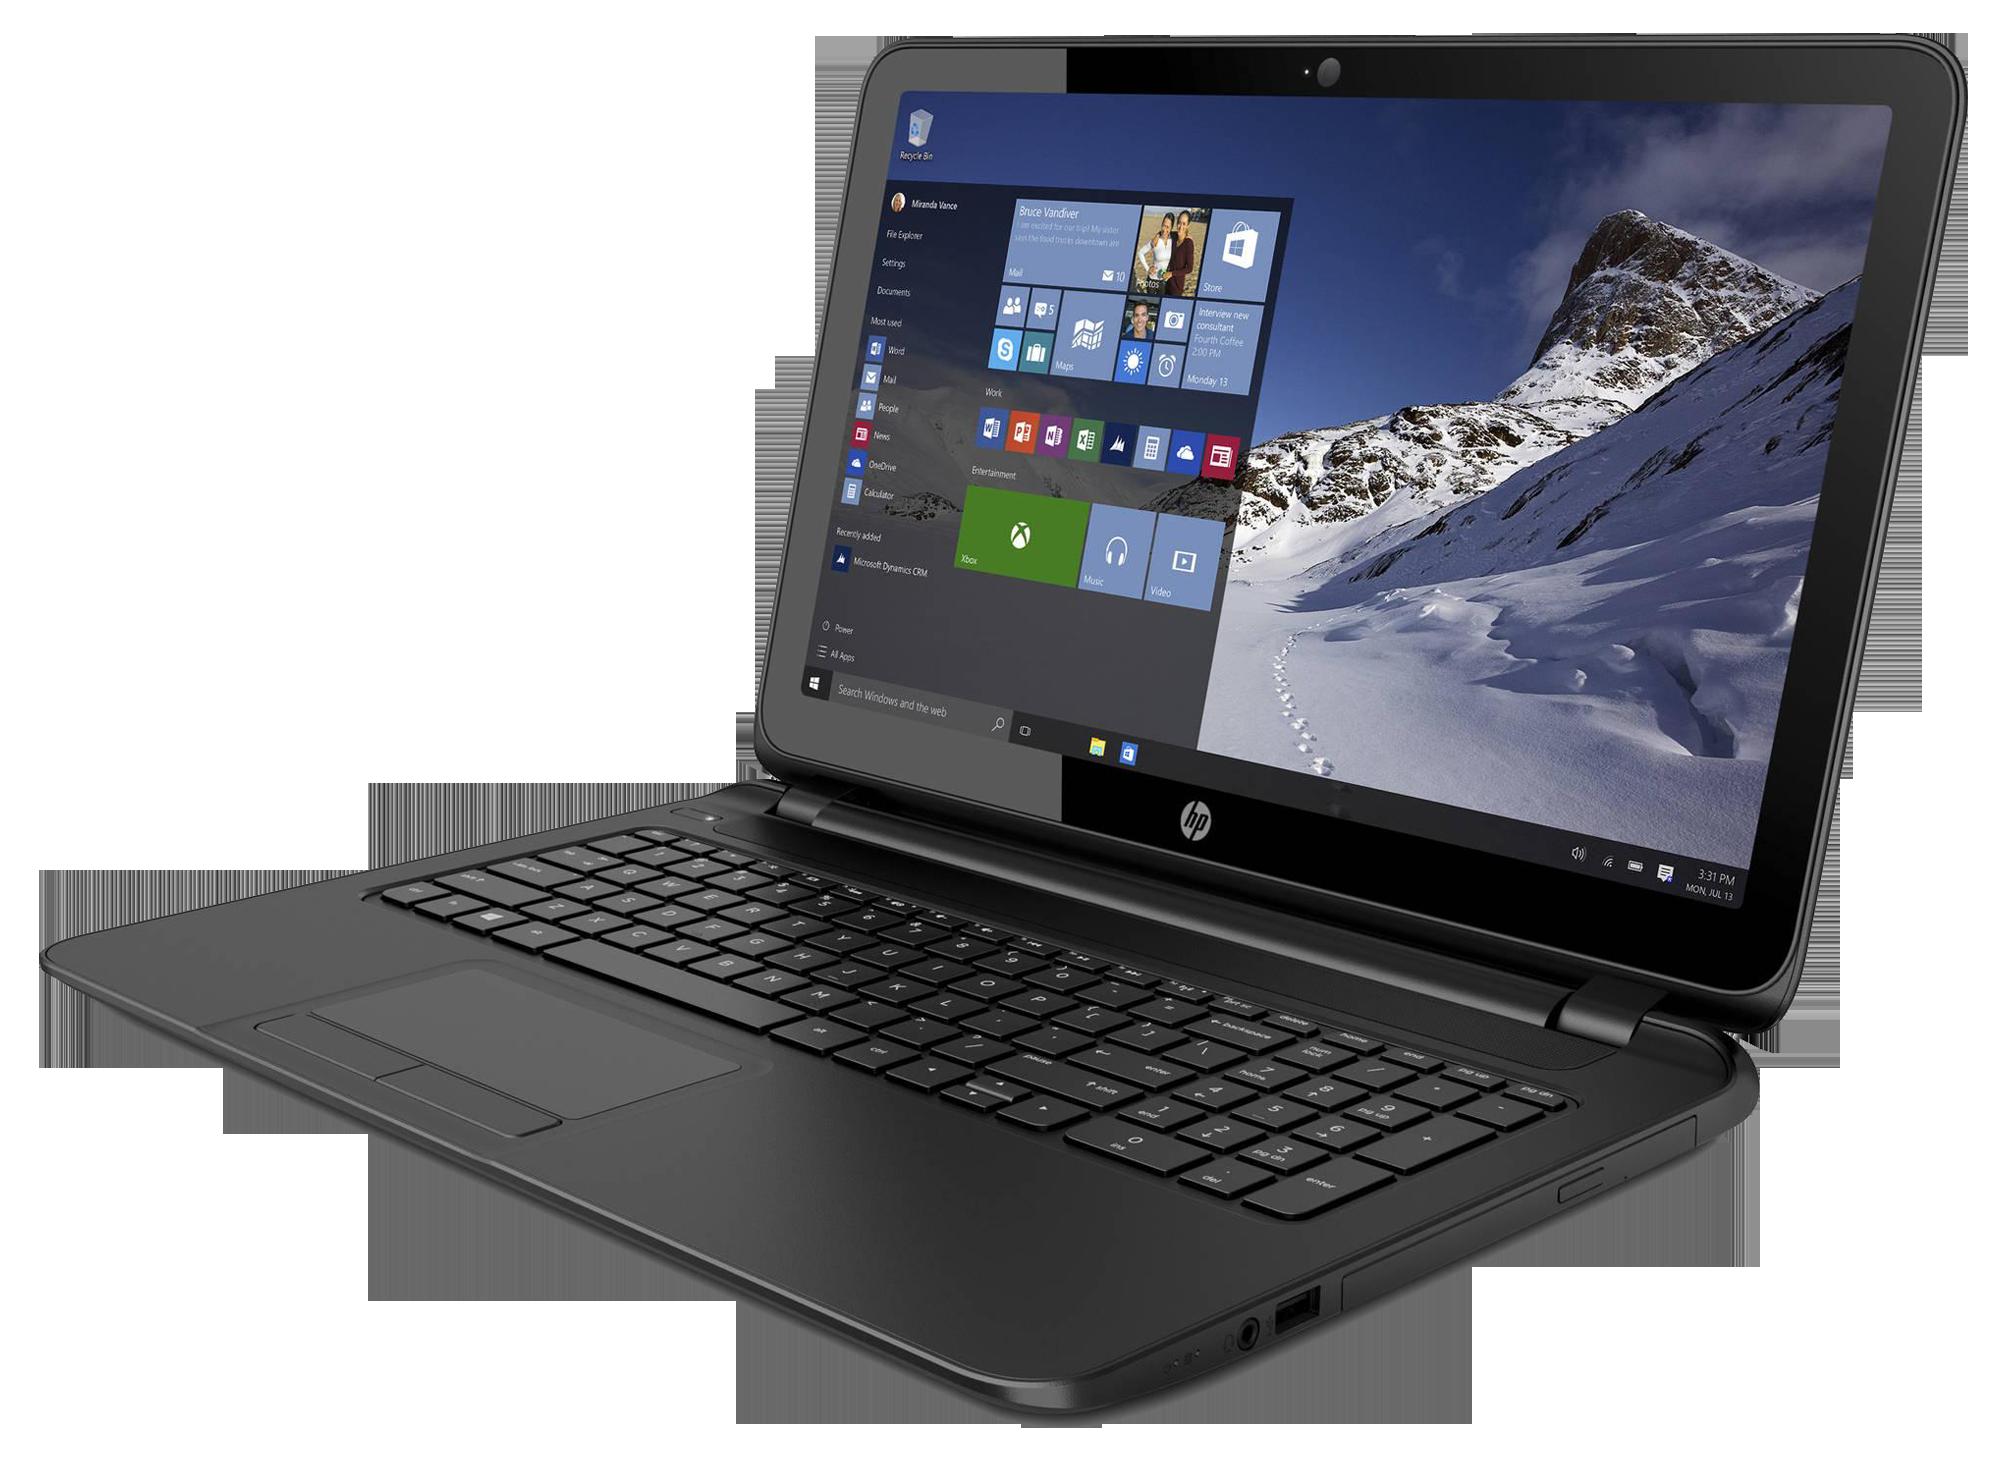 Laptop PNG Image - Laptop PNG